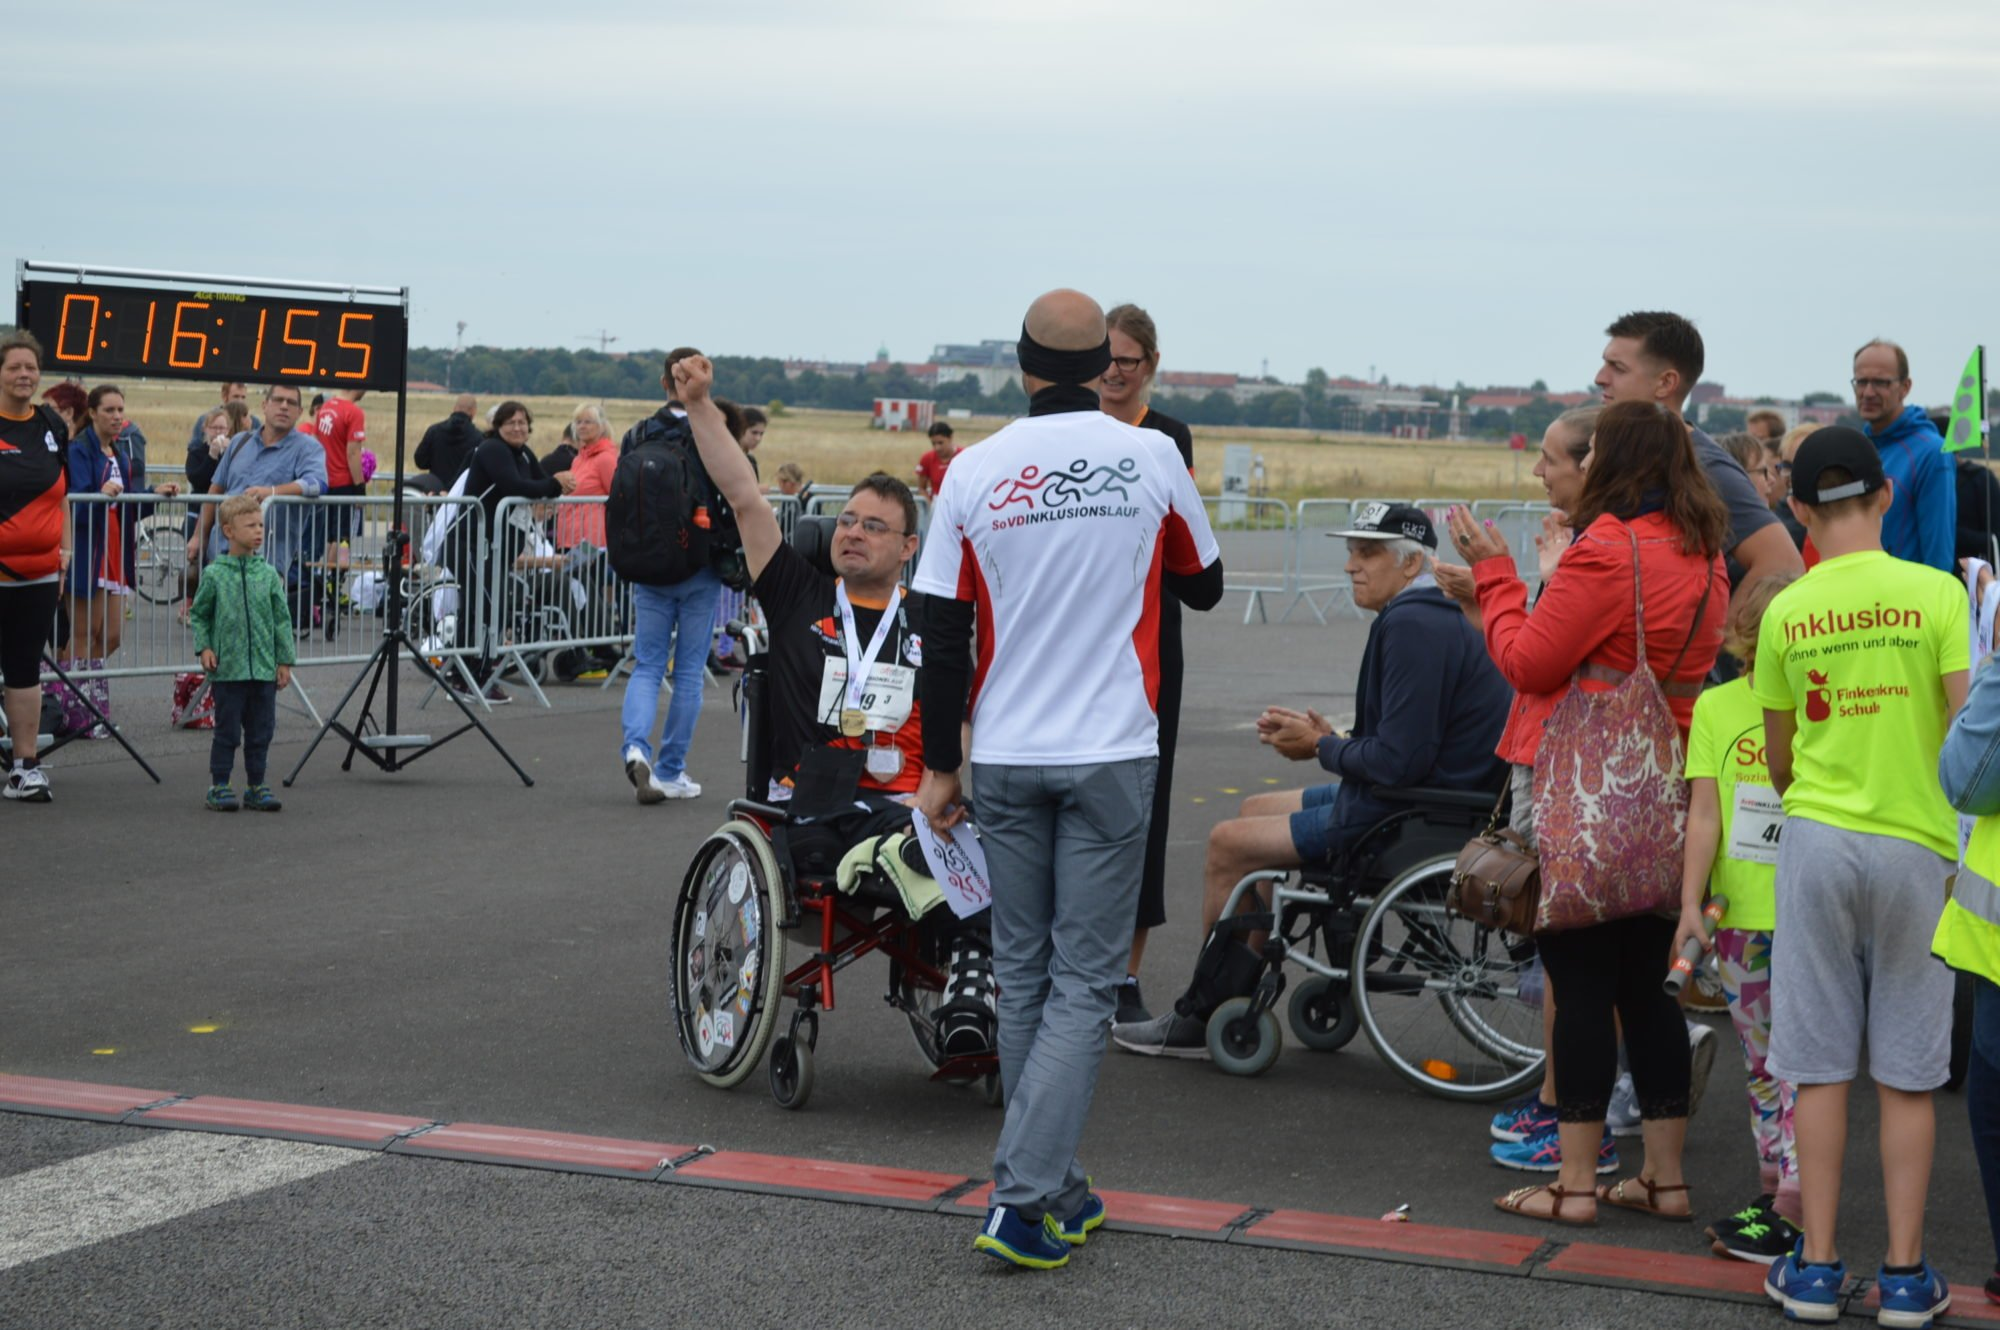 Ein Rollstuhlfahrer aus dem Team FDST reißt die Hand zum Jubel nach oben.